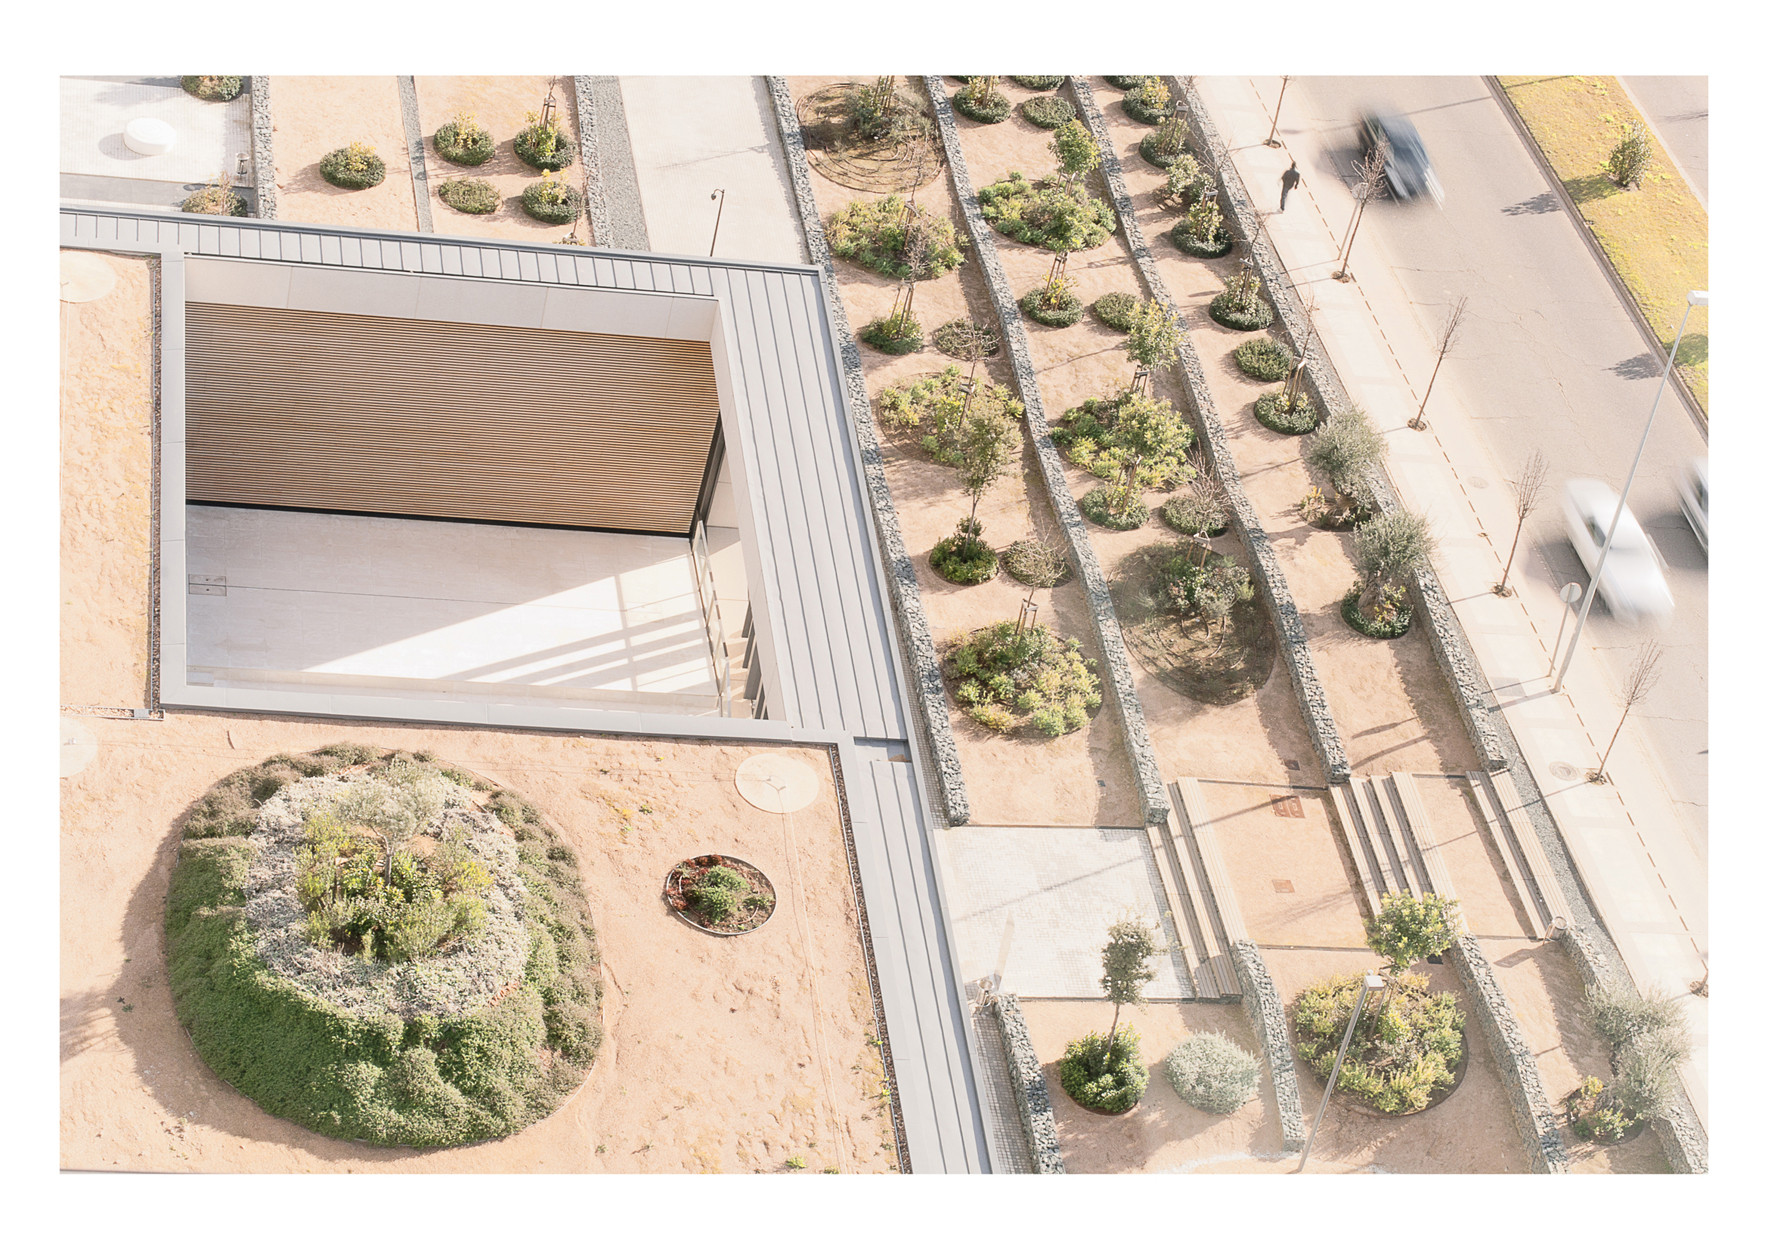 Planos de parques y jardines buscador de arquitectura for Planos de jardines